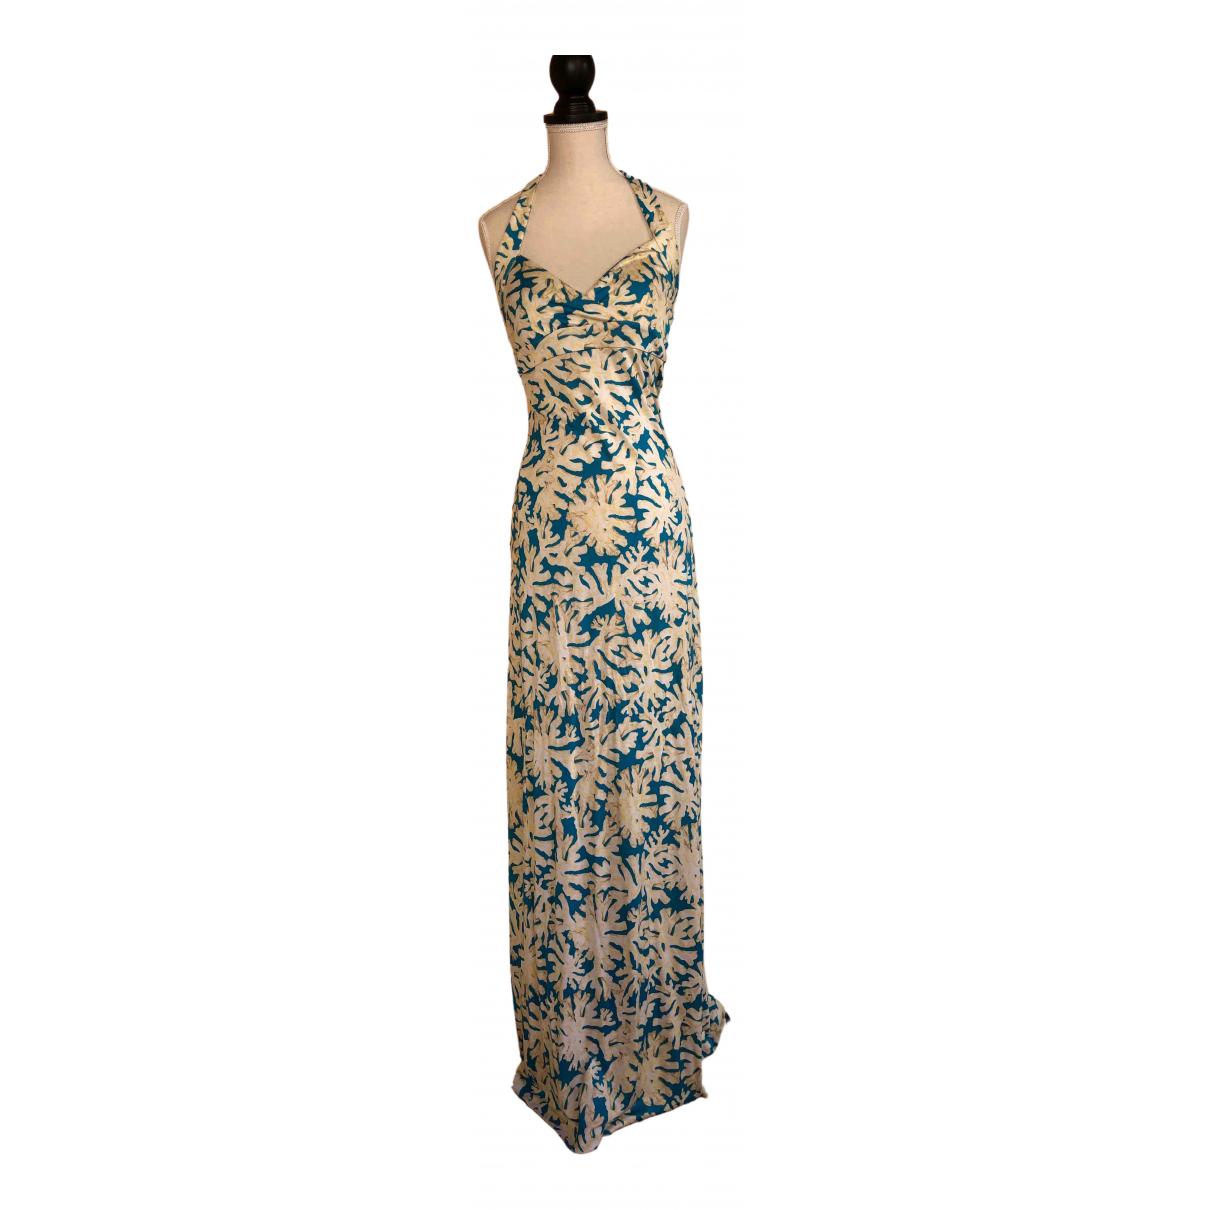 Diane Von Furstenberg N Beige Silk dress for Women 2 US